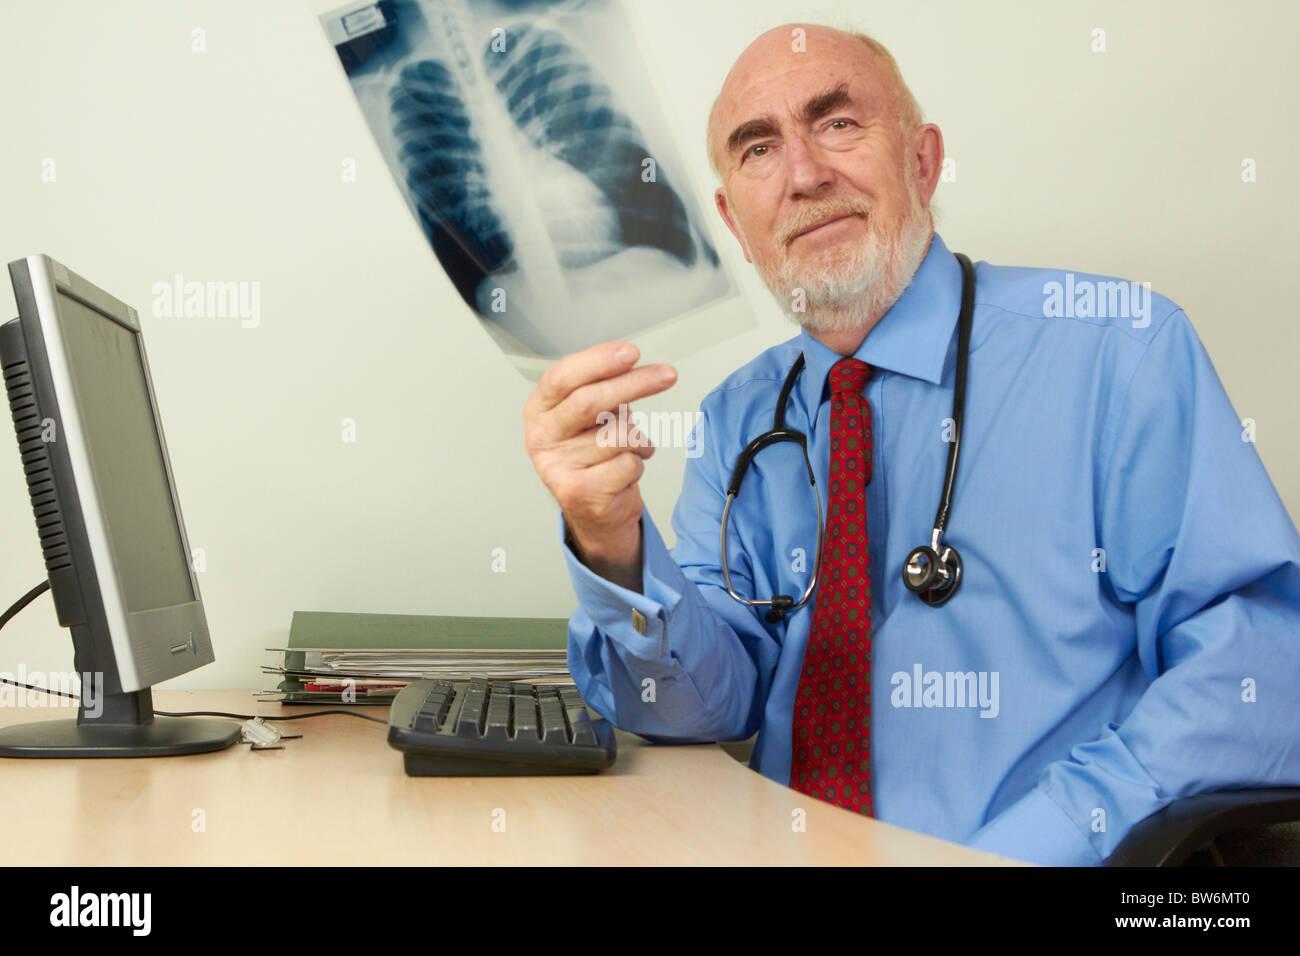 Doctor examining xray - Stock Image